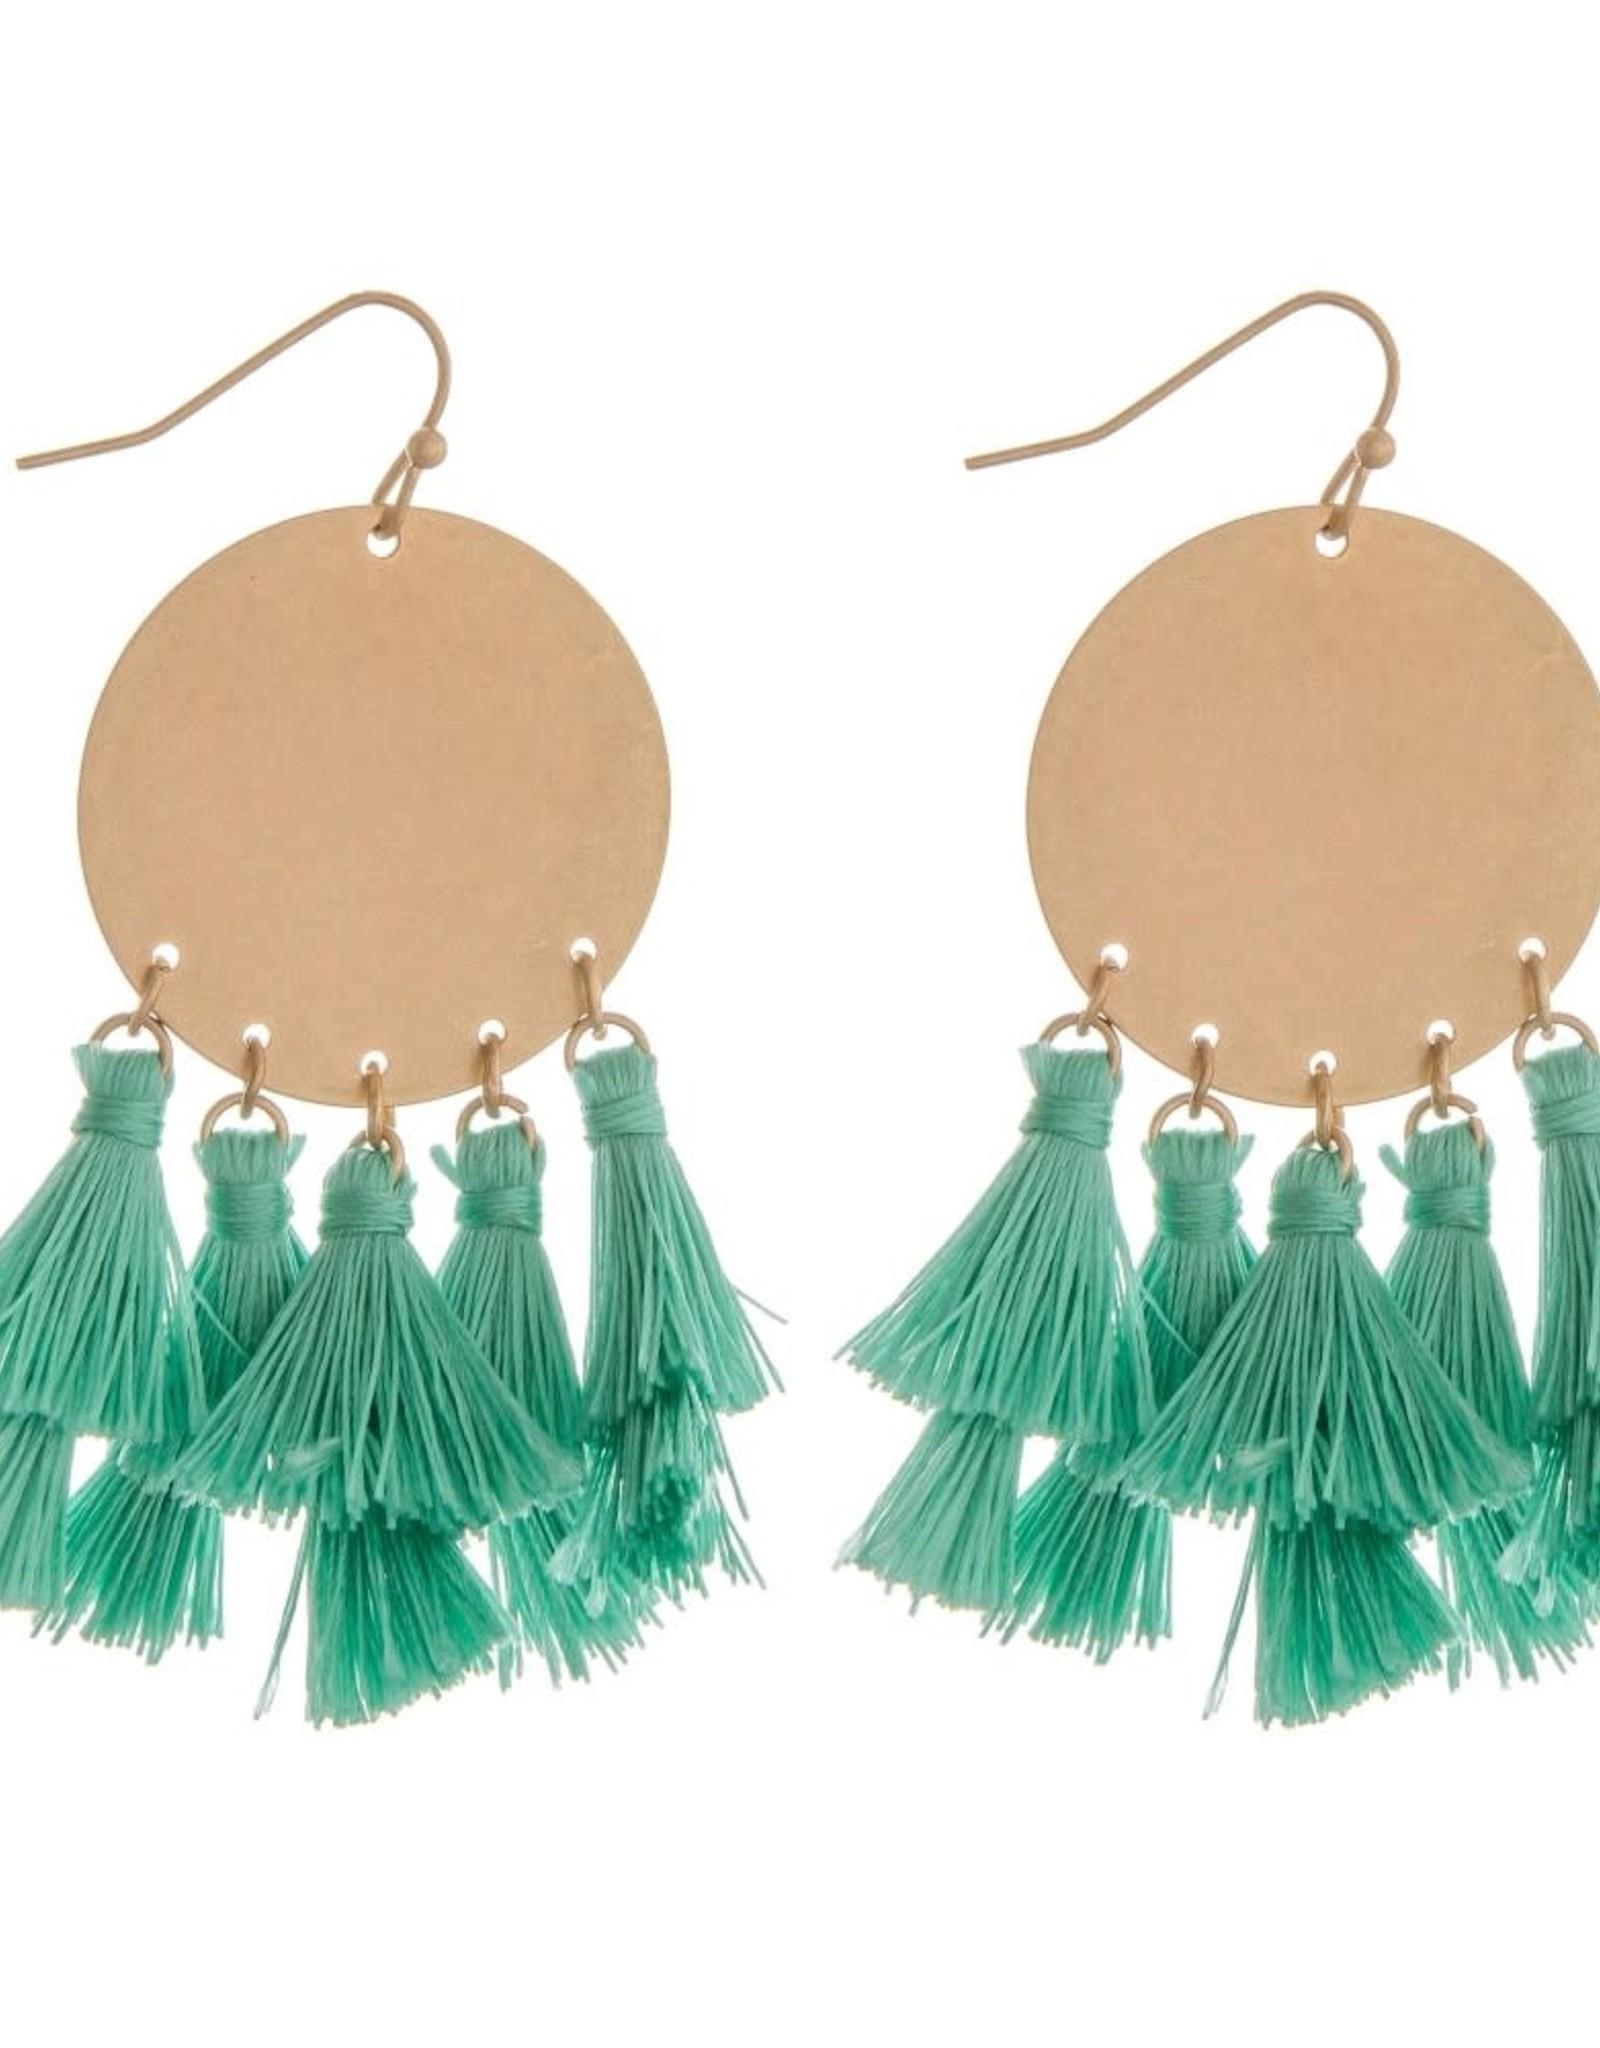 Fringe Tassel Bohemian Earrings - Teal & Gold